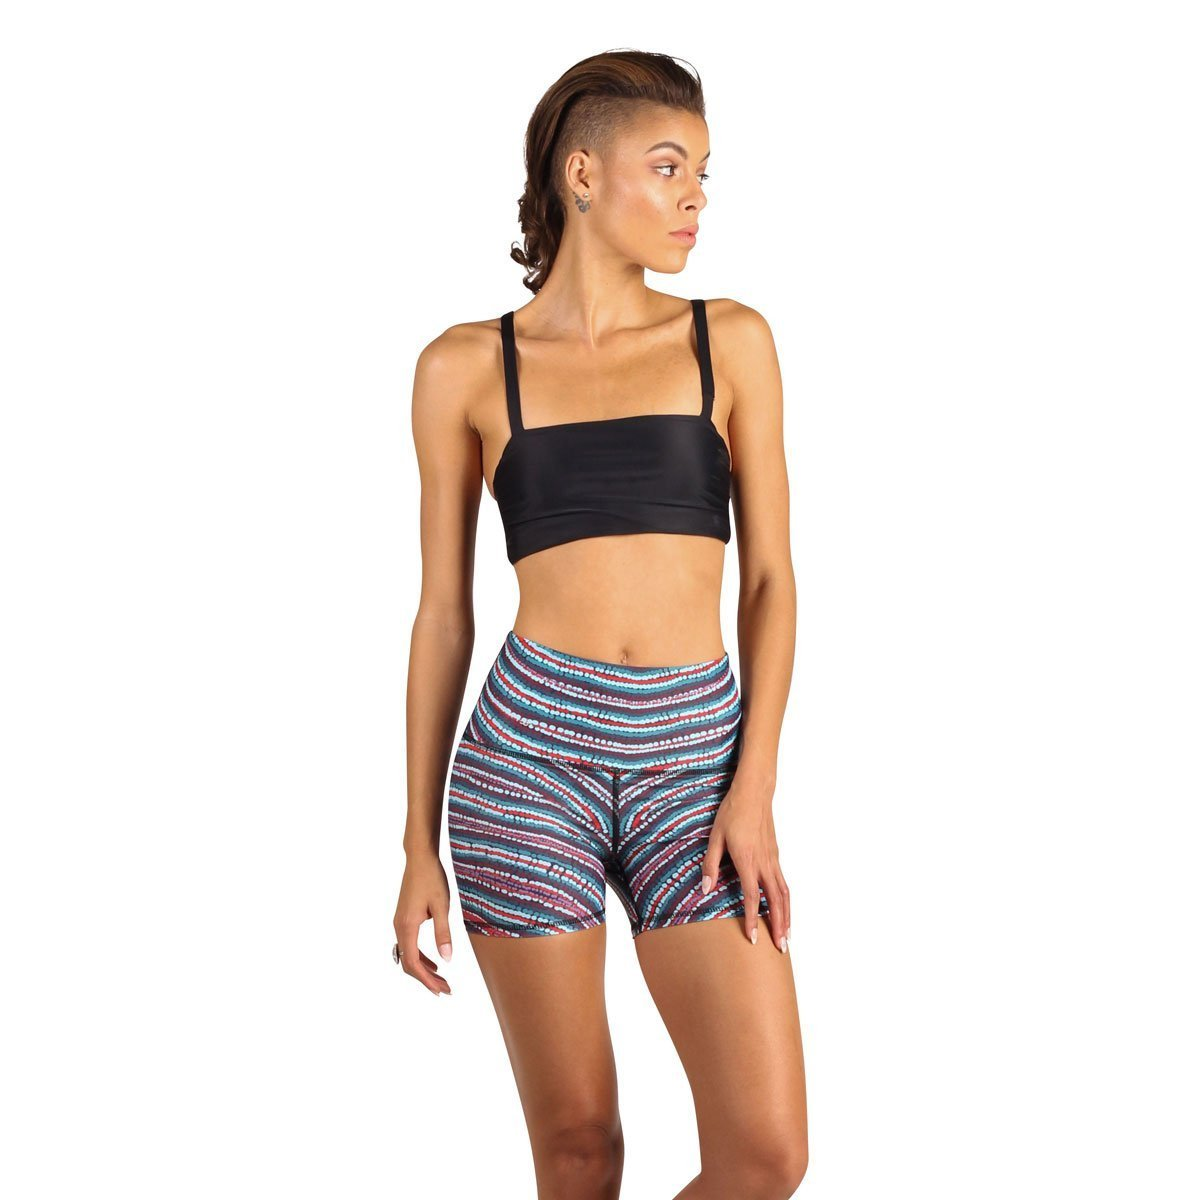 Joey-Yoga-Shorts-Surreal-Teal.jpg